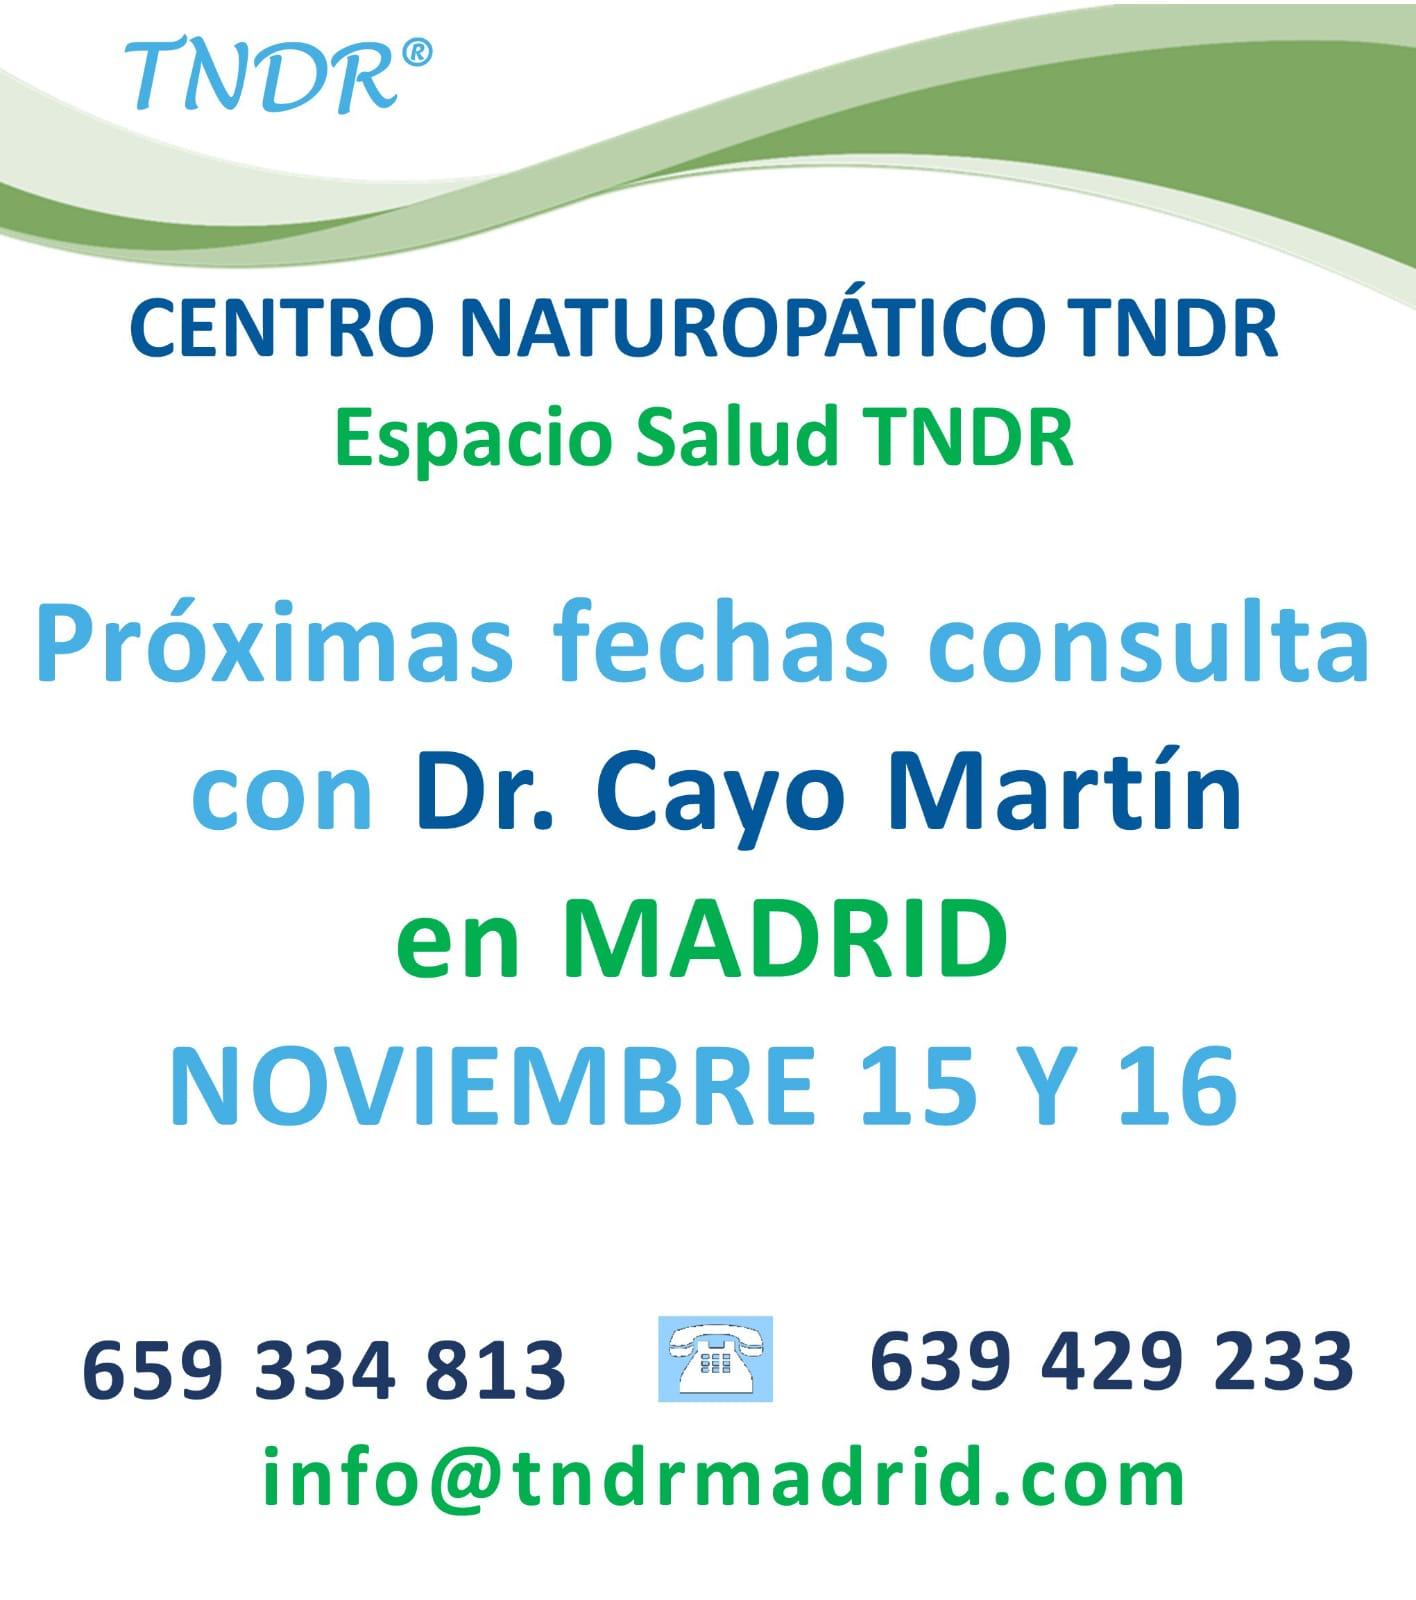 consulta dctor Cayo Martín centro TNDR espacio salud